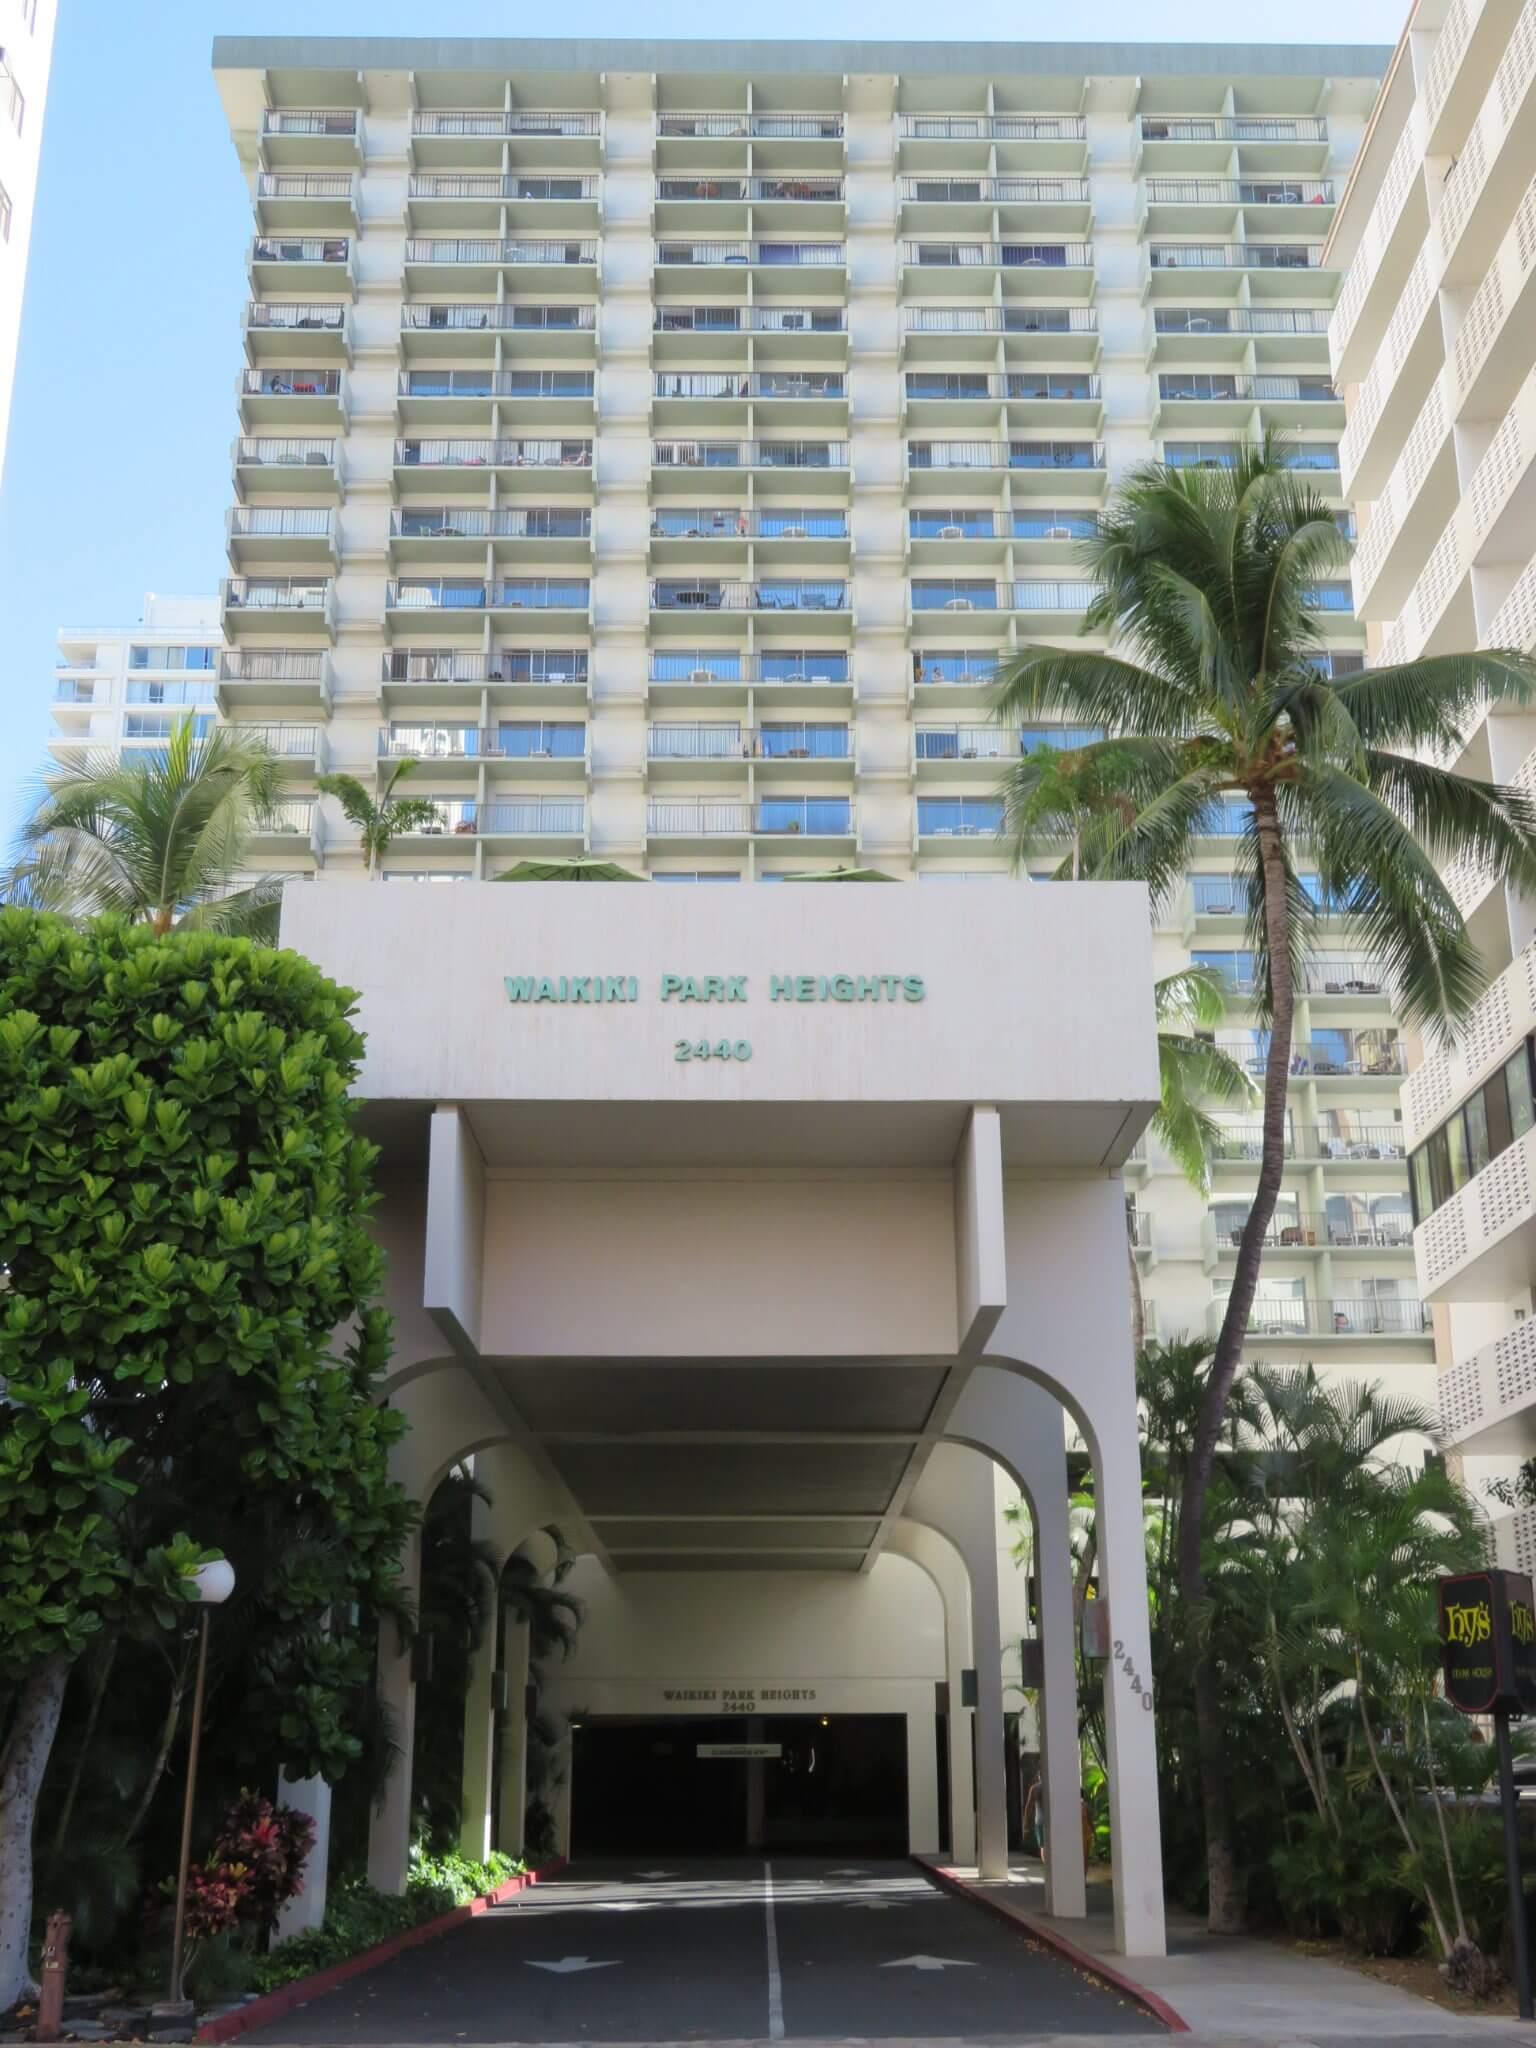 ワイキキ・パーク・ハイツ / Waikiki Park Heights